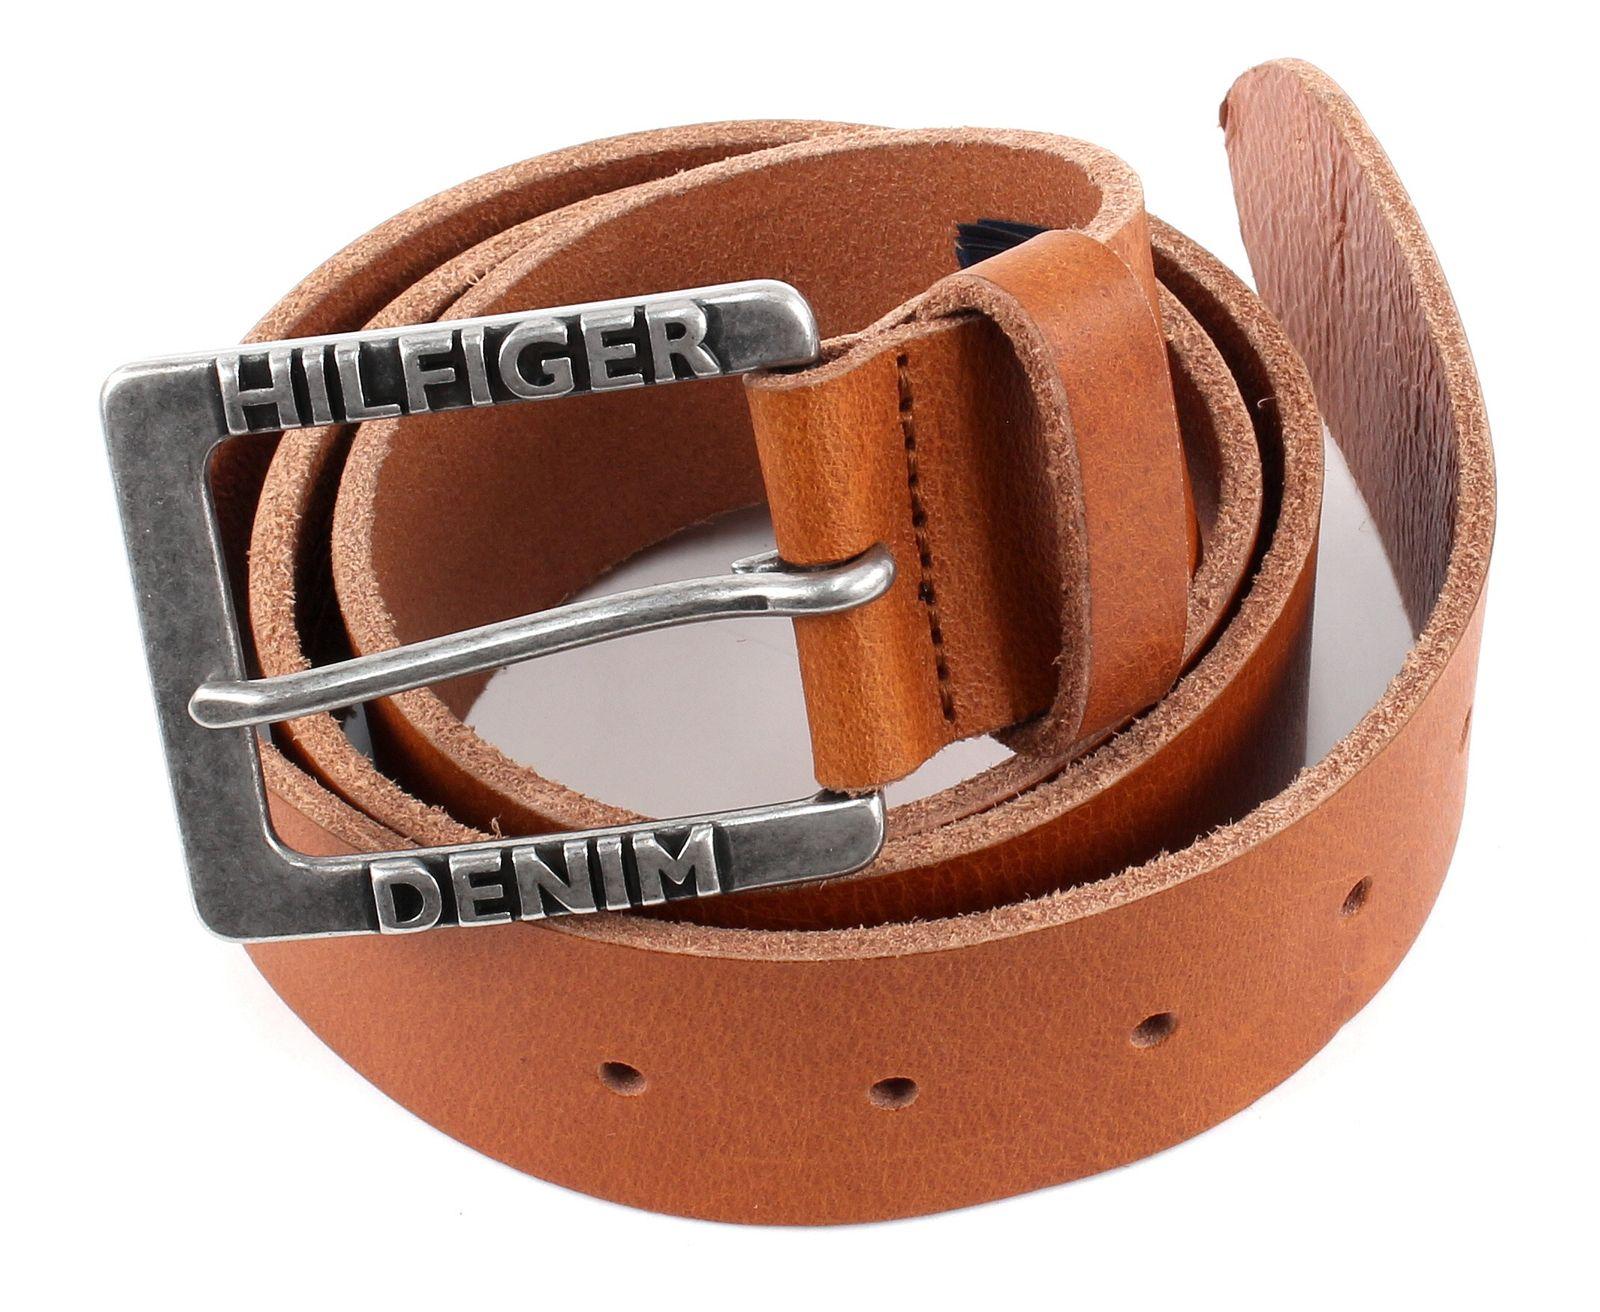 tommy hilfiger denim belt original thd w95 tan. Black Bedroom Furniture Sets. Home Design Ideas